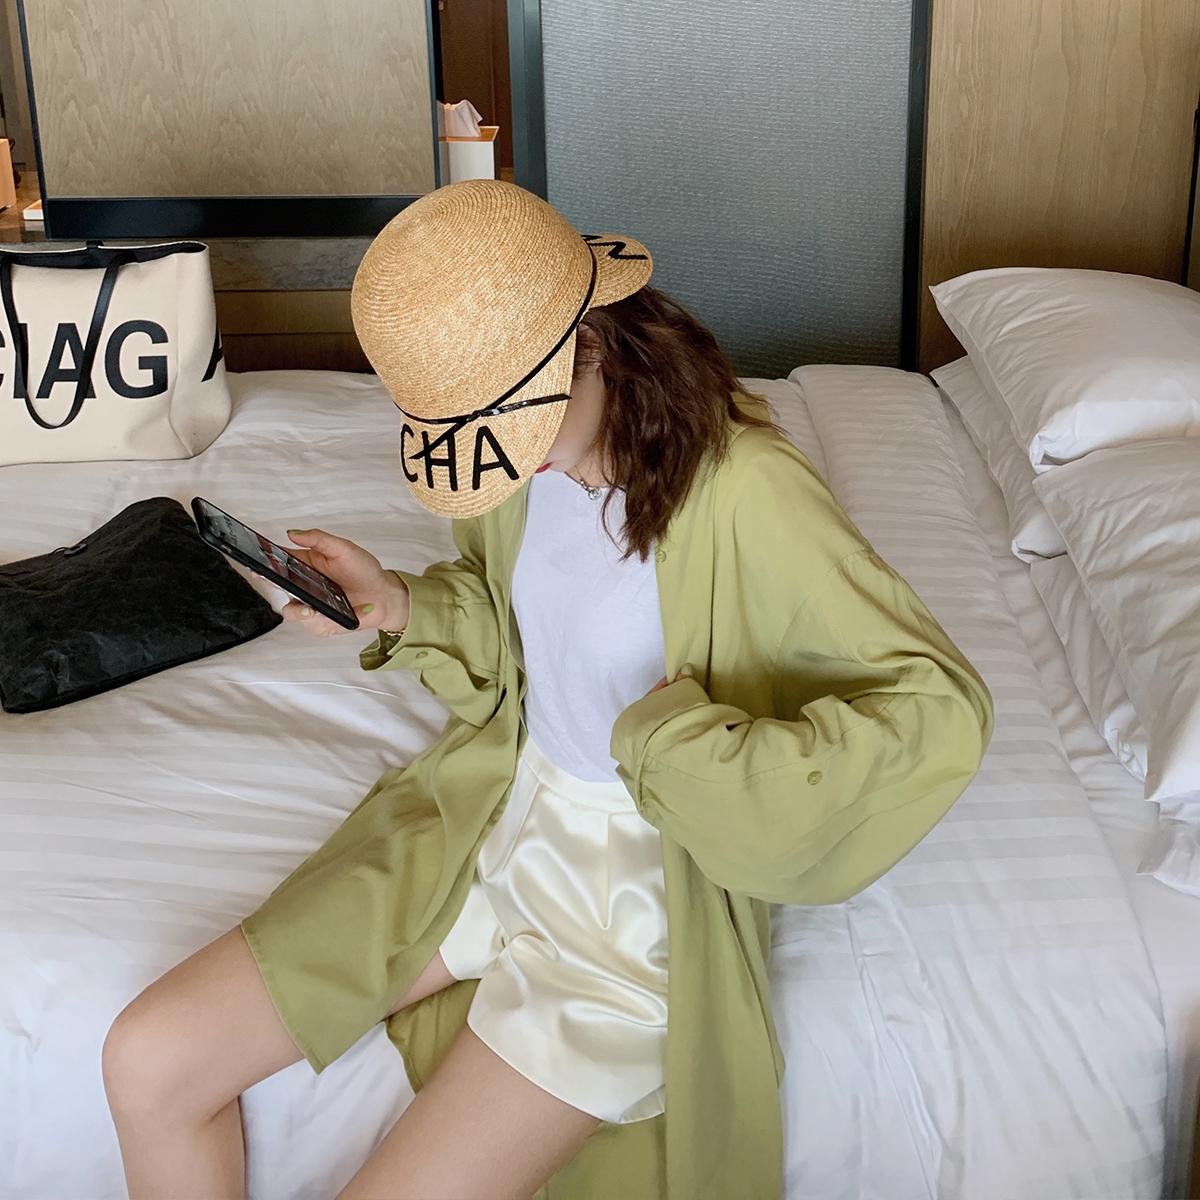 39.00元包邮网红吊带背心女外穿2019新款韩版薄款无袖t恤泫雅宽松V领内搭上衣